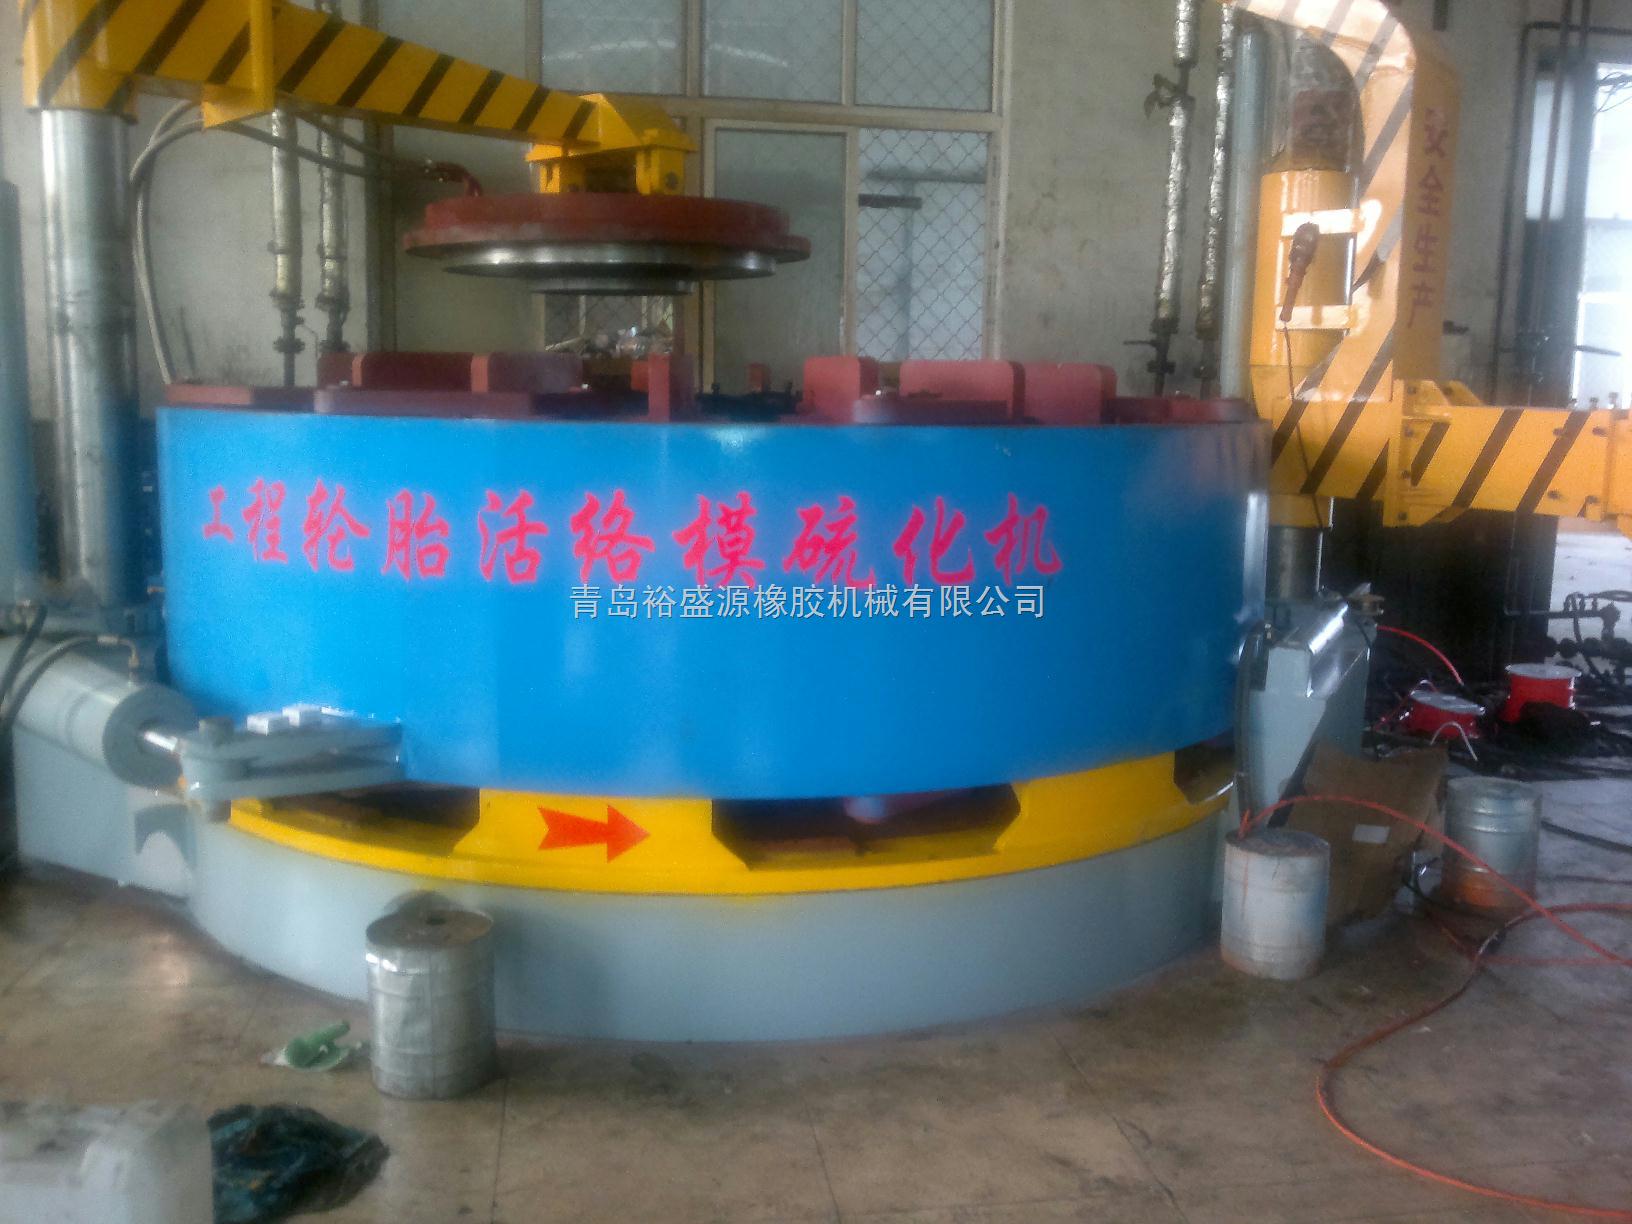 工程轮胎翻新硫化机_硫化机-青岛裕盛源橡胶机械有限